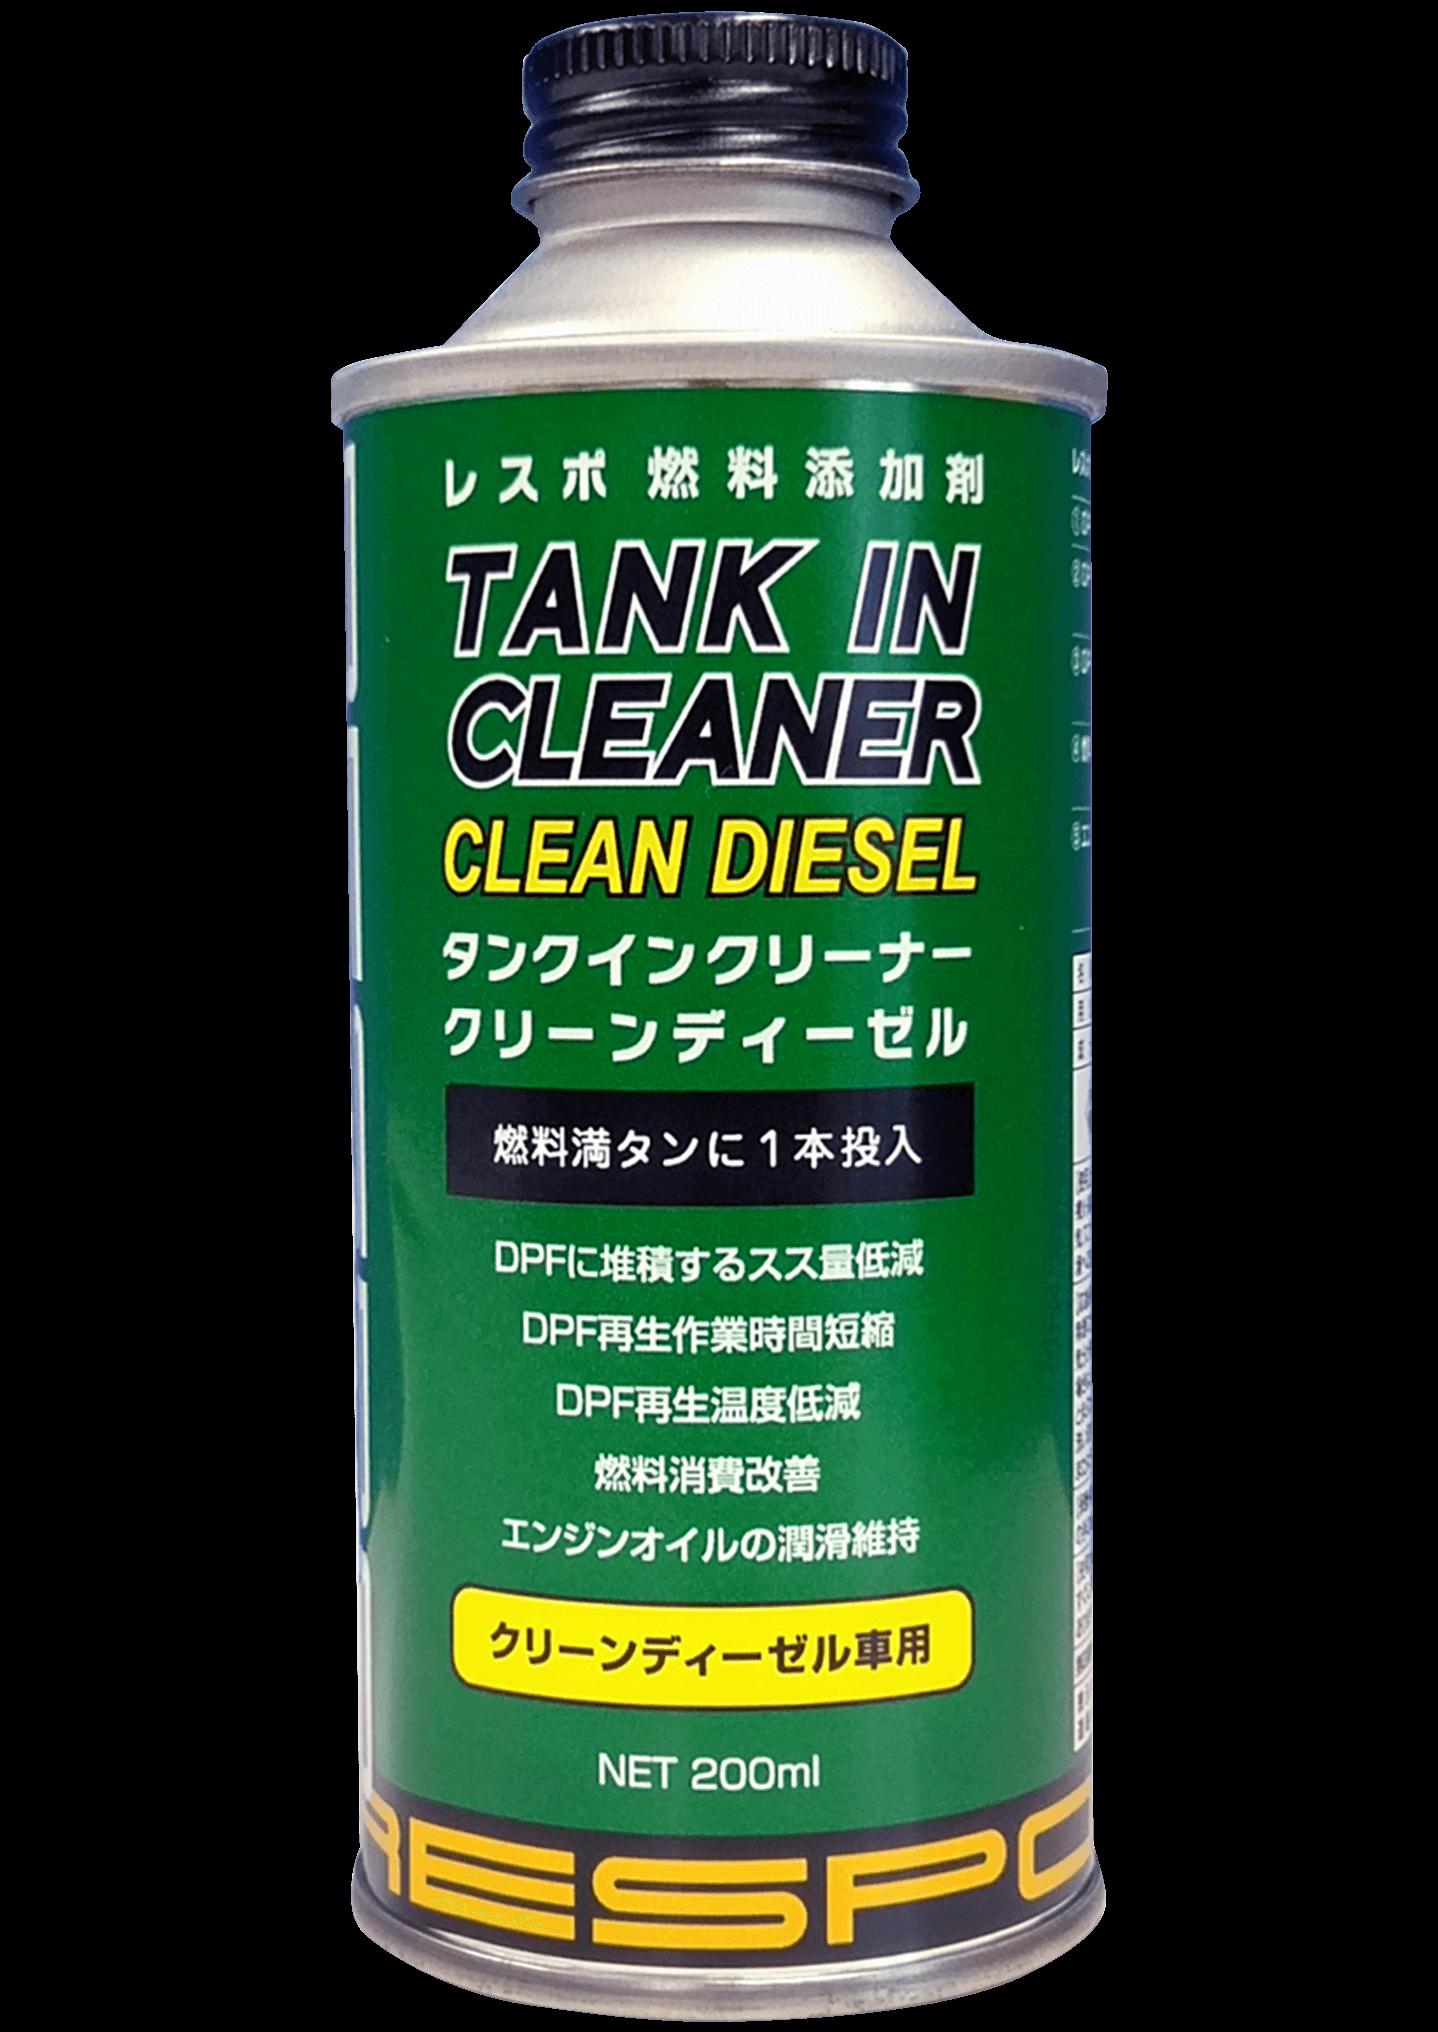 TANK IN CLEANER CLEAN DIESEL